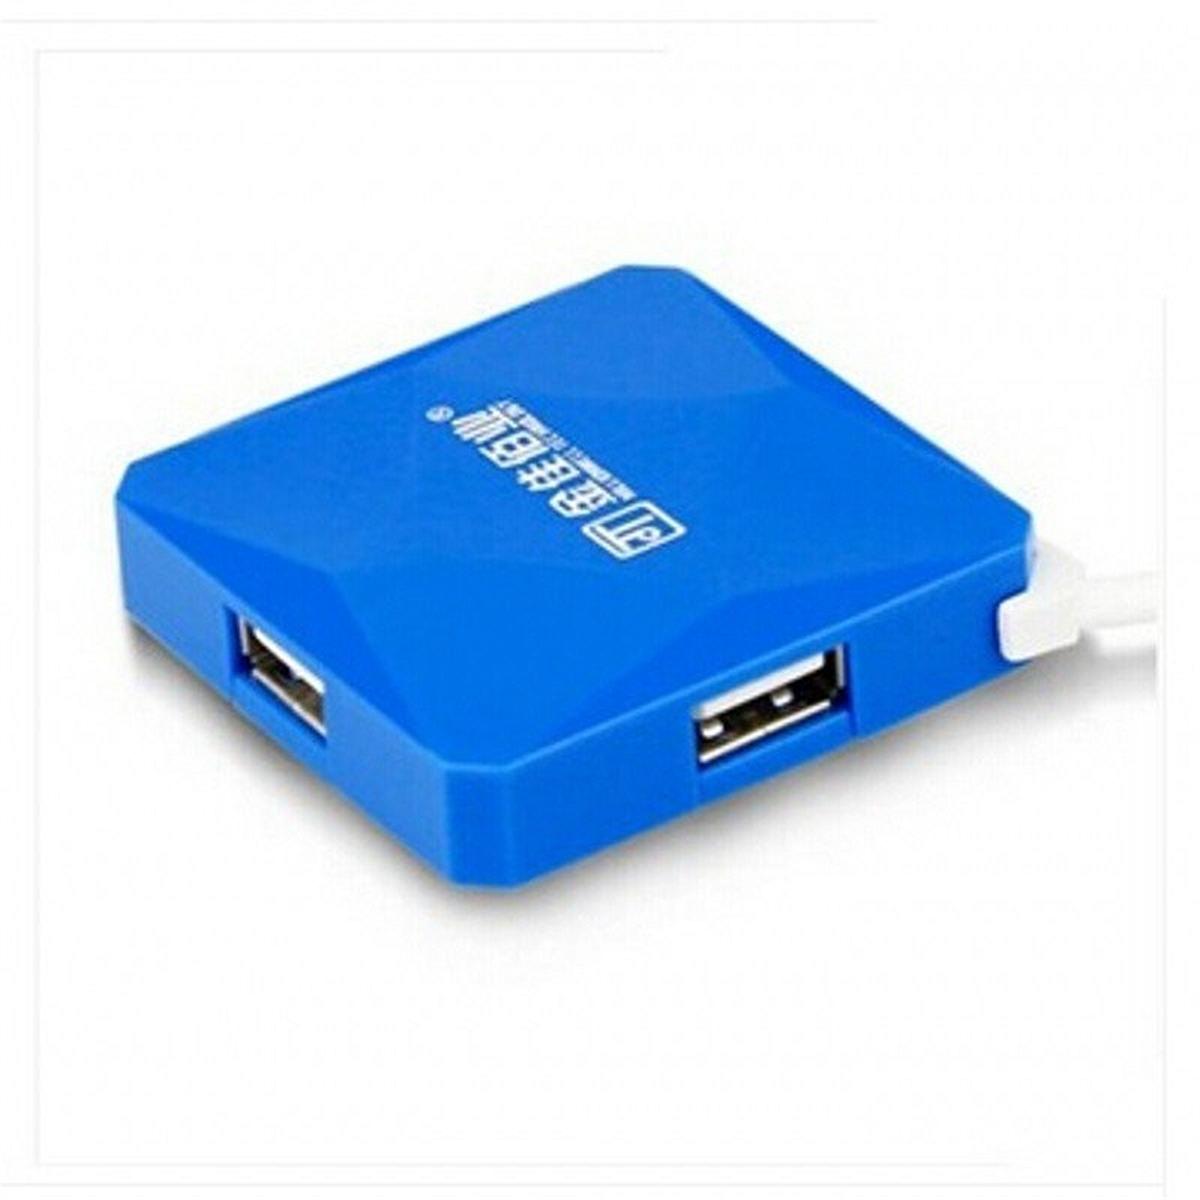 金佳佰业 水立方 USB-HUBUSB集线器 1.2M (单位:卡) 蓝色